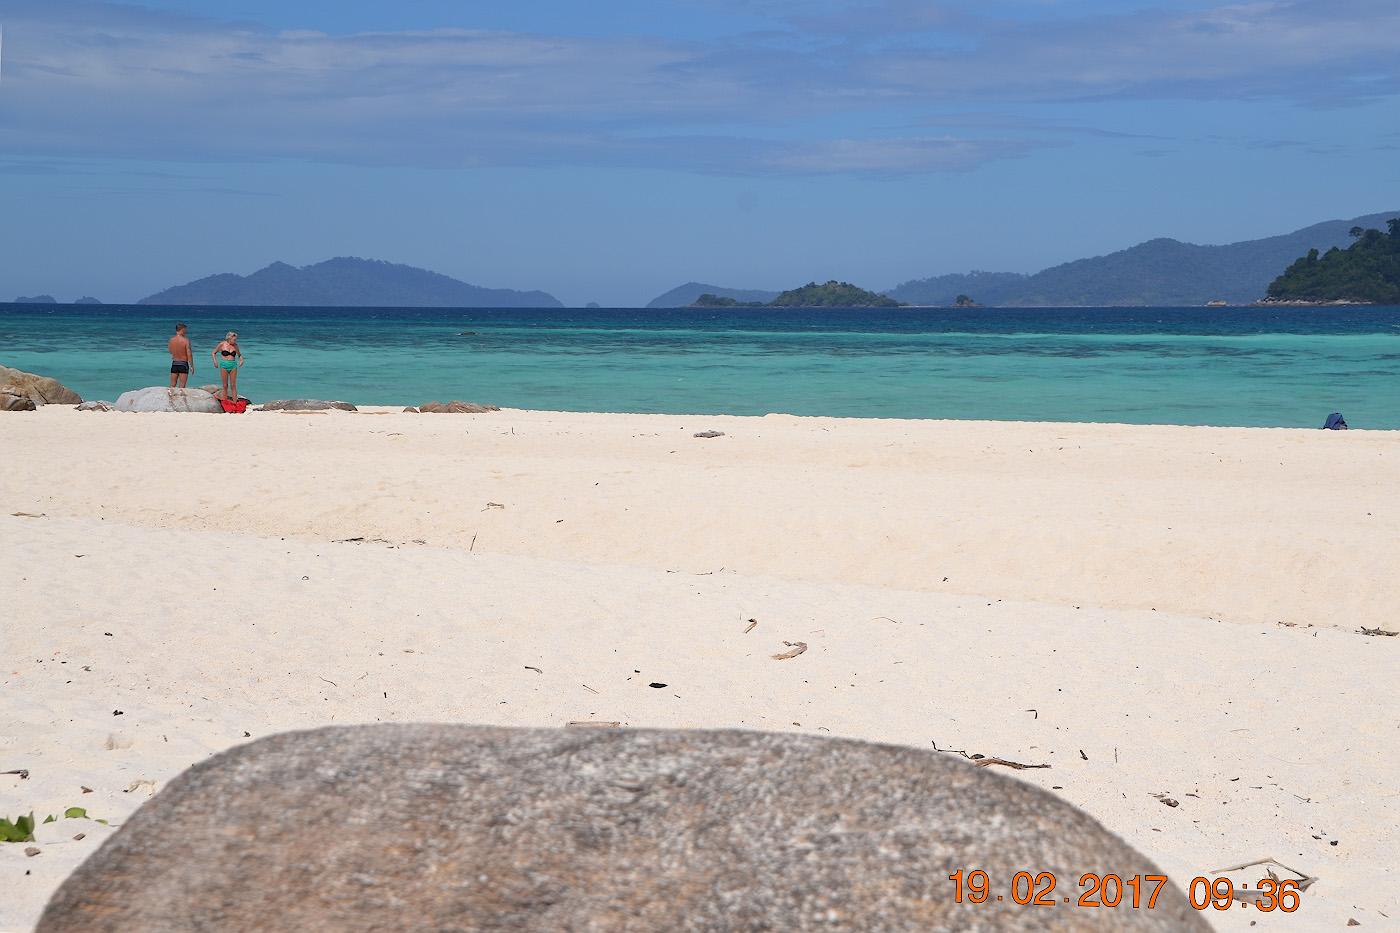 Фото 11. Пляж Санрайз (Sunrise Beach) на острове Ко Липе. Где в Таиланде райское местечко? 1/400, 10.0, 100, 55.